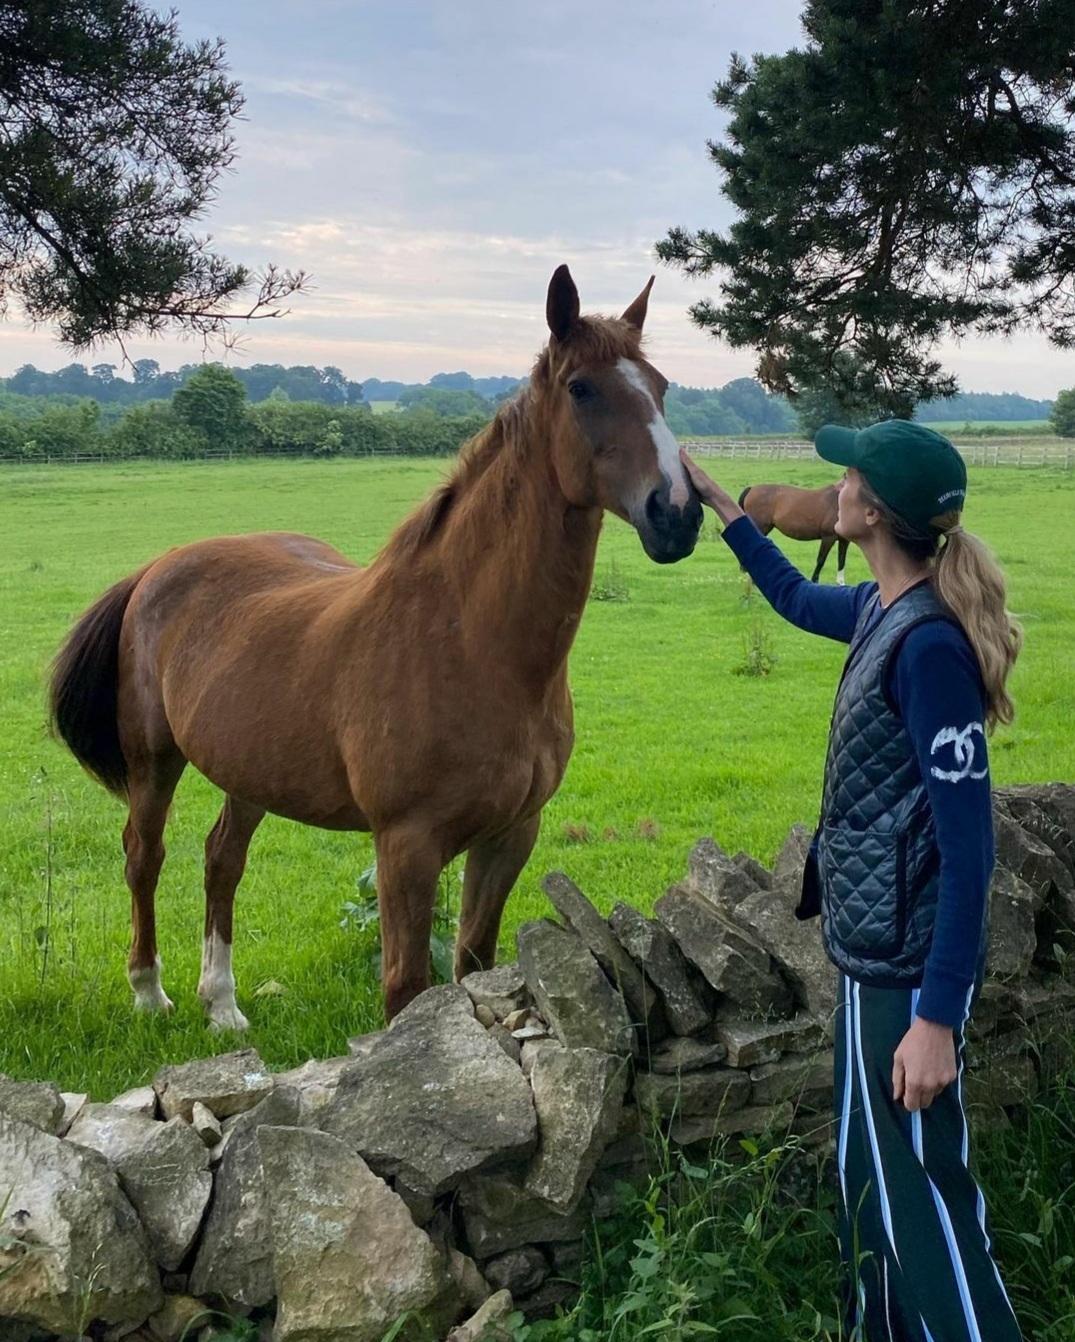 La influencer Amanda Brooks tiene miles de animales en su granja en Inglaterra. Cuidarlos es un placer para ella.